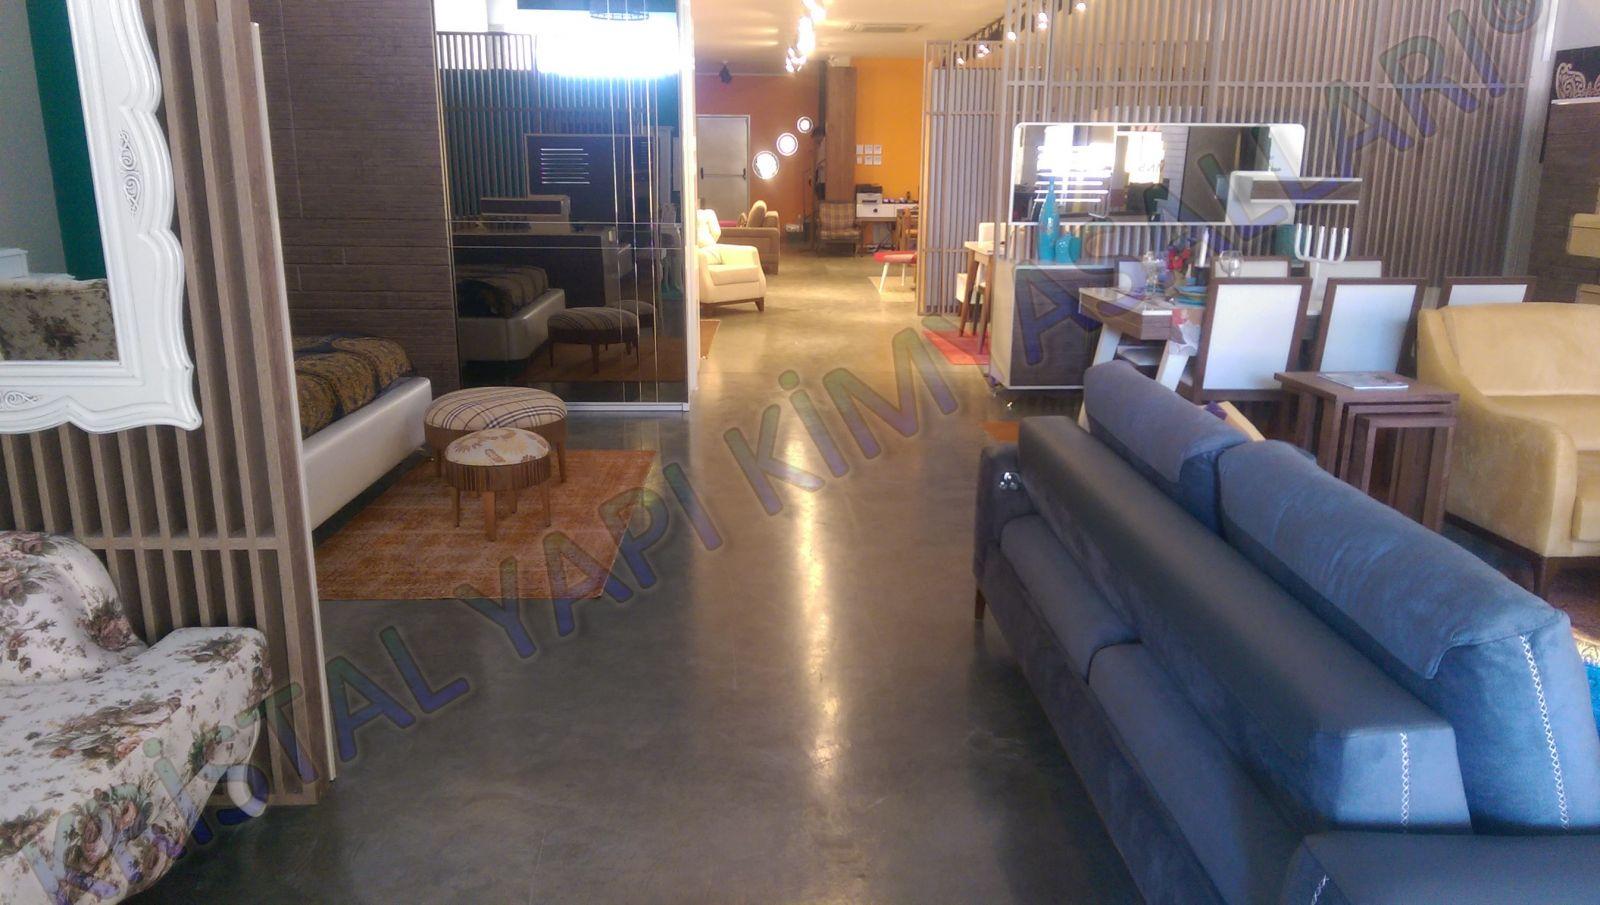 beton+cila+vernik+fiyatları, beton+vernikleri, beton+verniği, poliüretan+beton+cilaları, poliüretan+cila+fiyatları, beton+cila+fiyatları